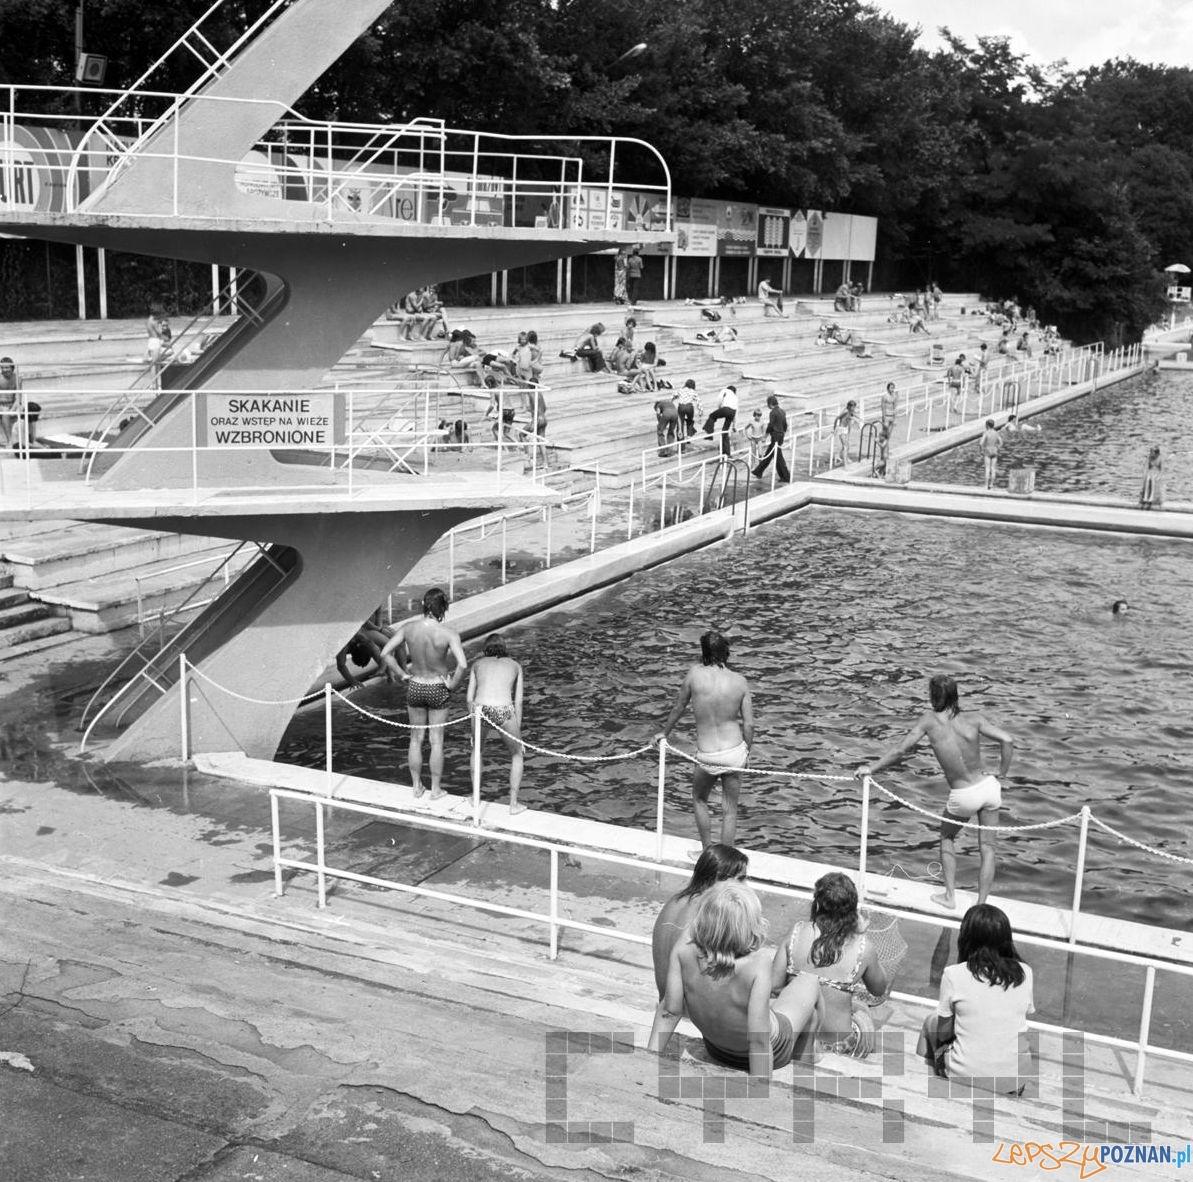 Pływalnia na Niestachowskiej 10.08.1975  Foto: Stanisław Wiktor / Cyryl